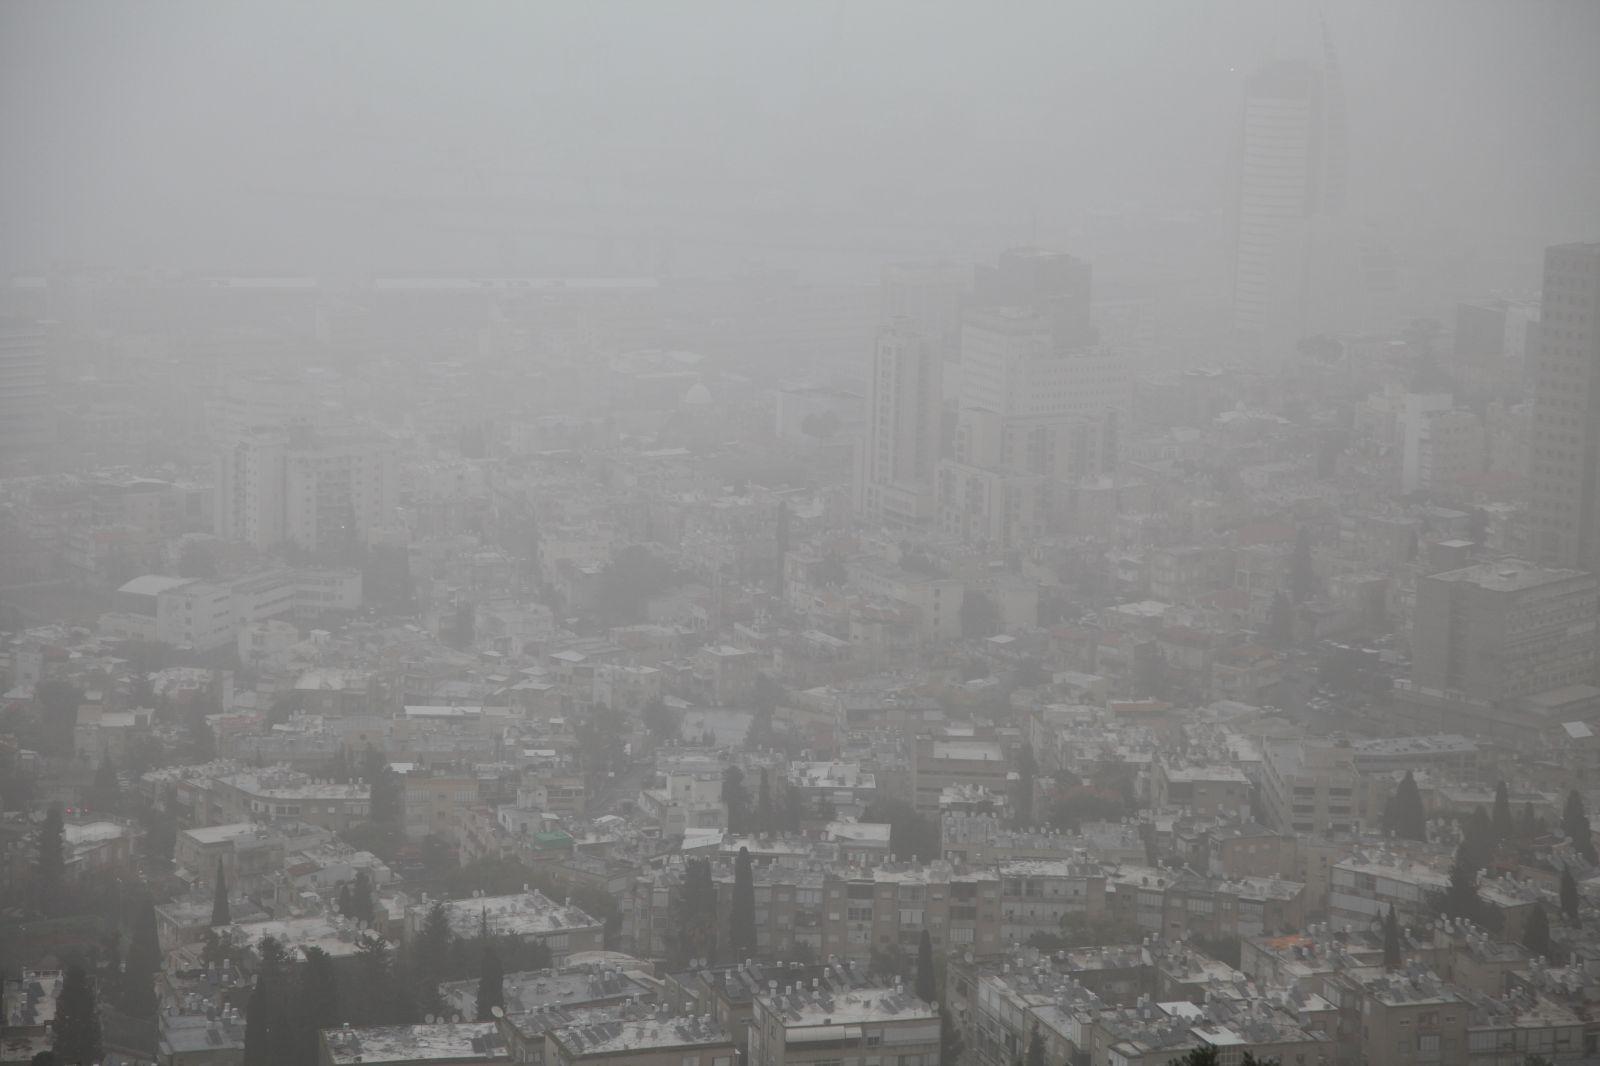 ערפיח בחיפה (צילום: אבישג שאר-ישוב)